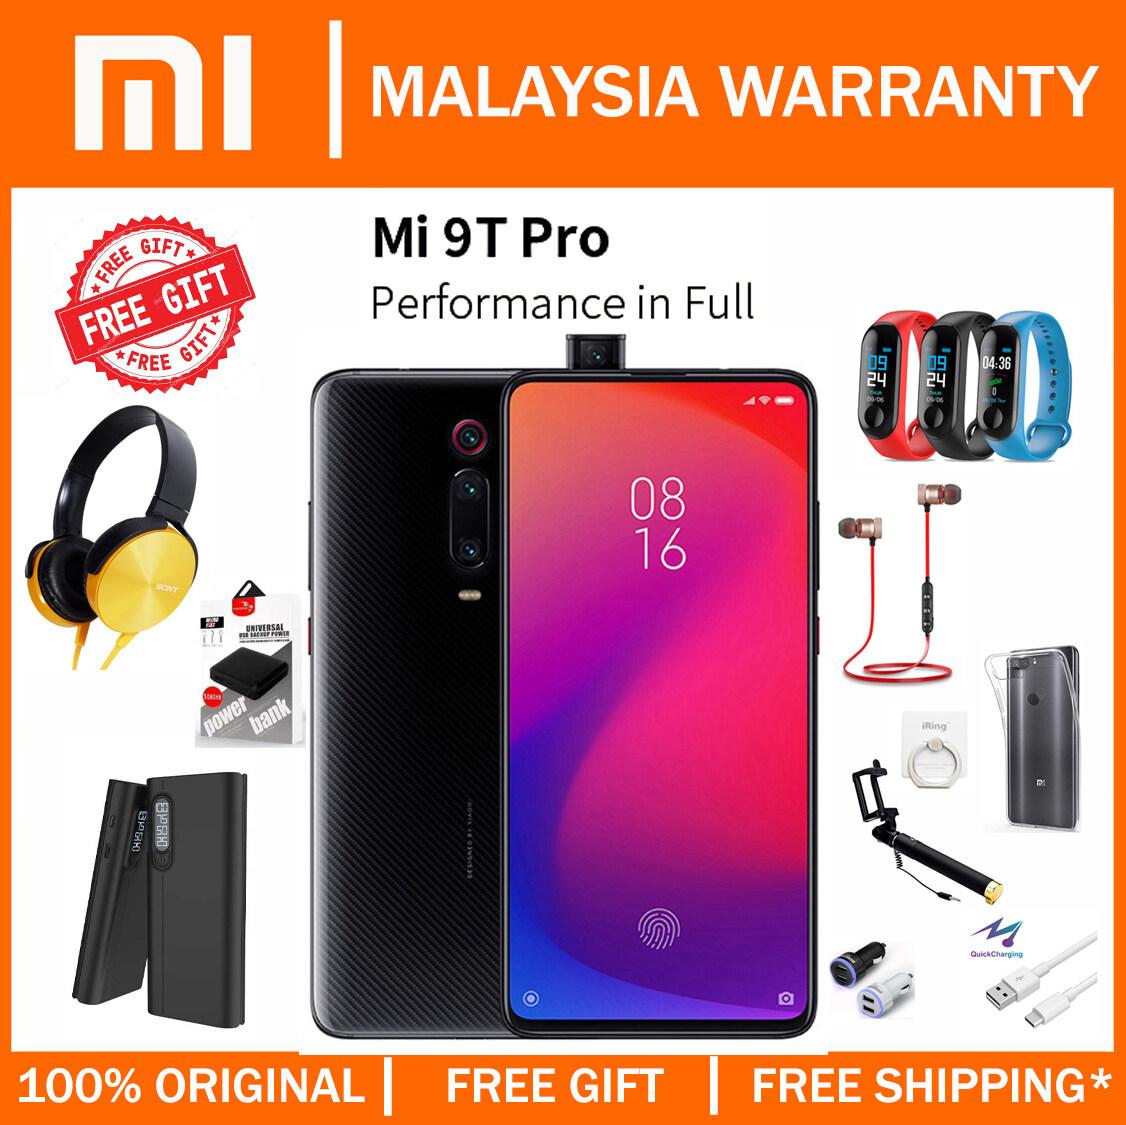 [MY SET] Xiaomi Mi 9T Pro (6GB+128GB) Smartphone Original Malaysia Warranty